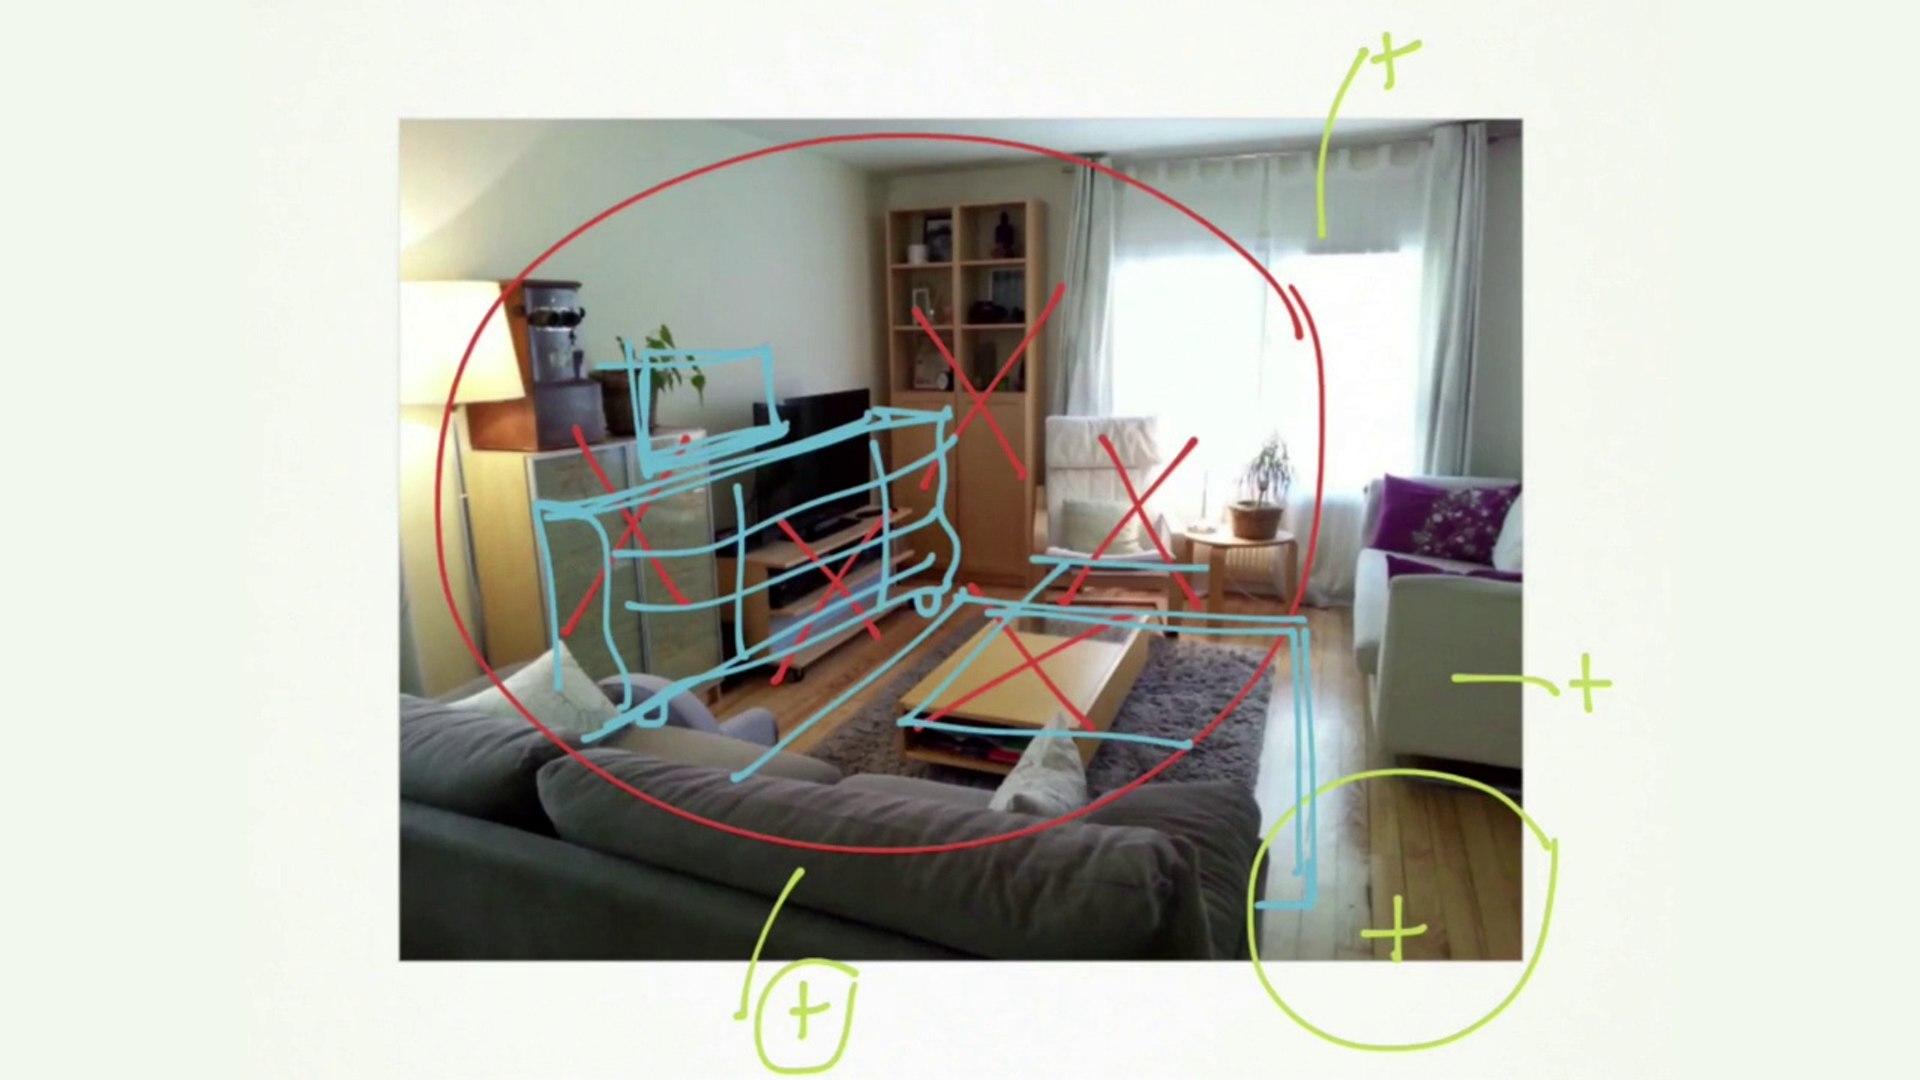 Meubles En Carton Pour Home Staging débarrassez vous de vos meubles d'étudiants! - les conseils déco de sophie  ferjani